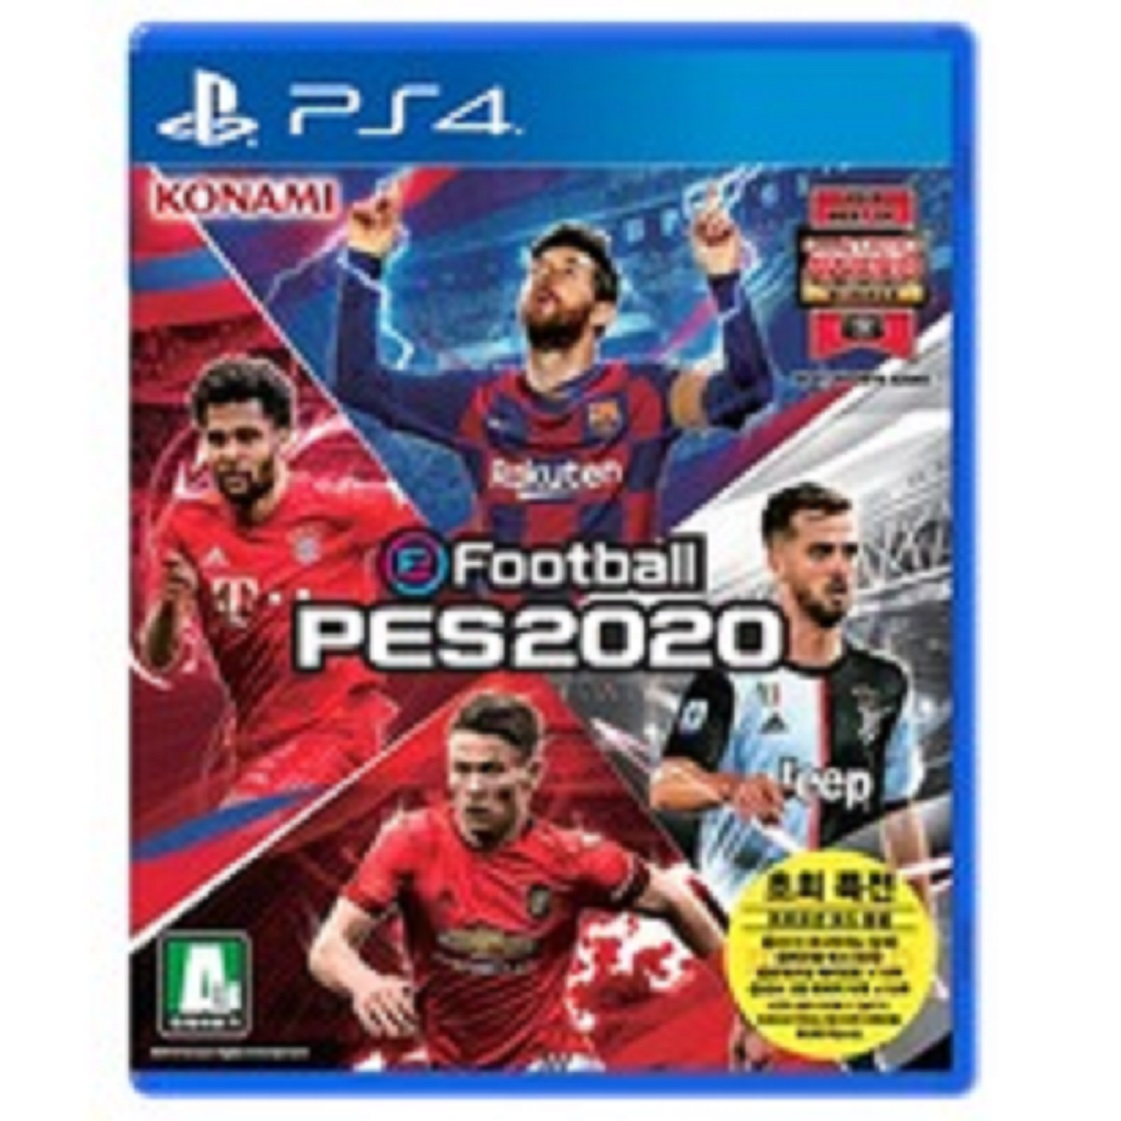 PS4 위닝일레븐 2020 PES2020 (한글판) 초회 새제품, PS4 위닝일레븐 2020  PES2020 (한글판) 초회 새제품